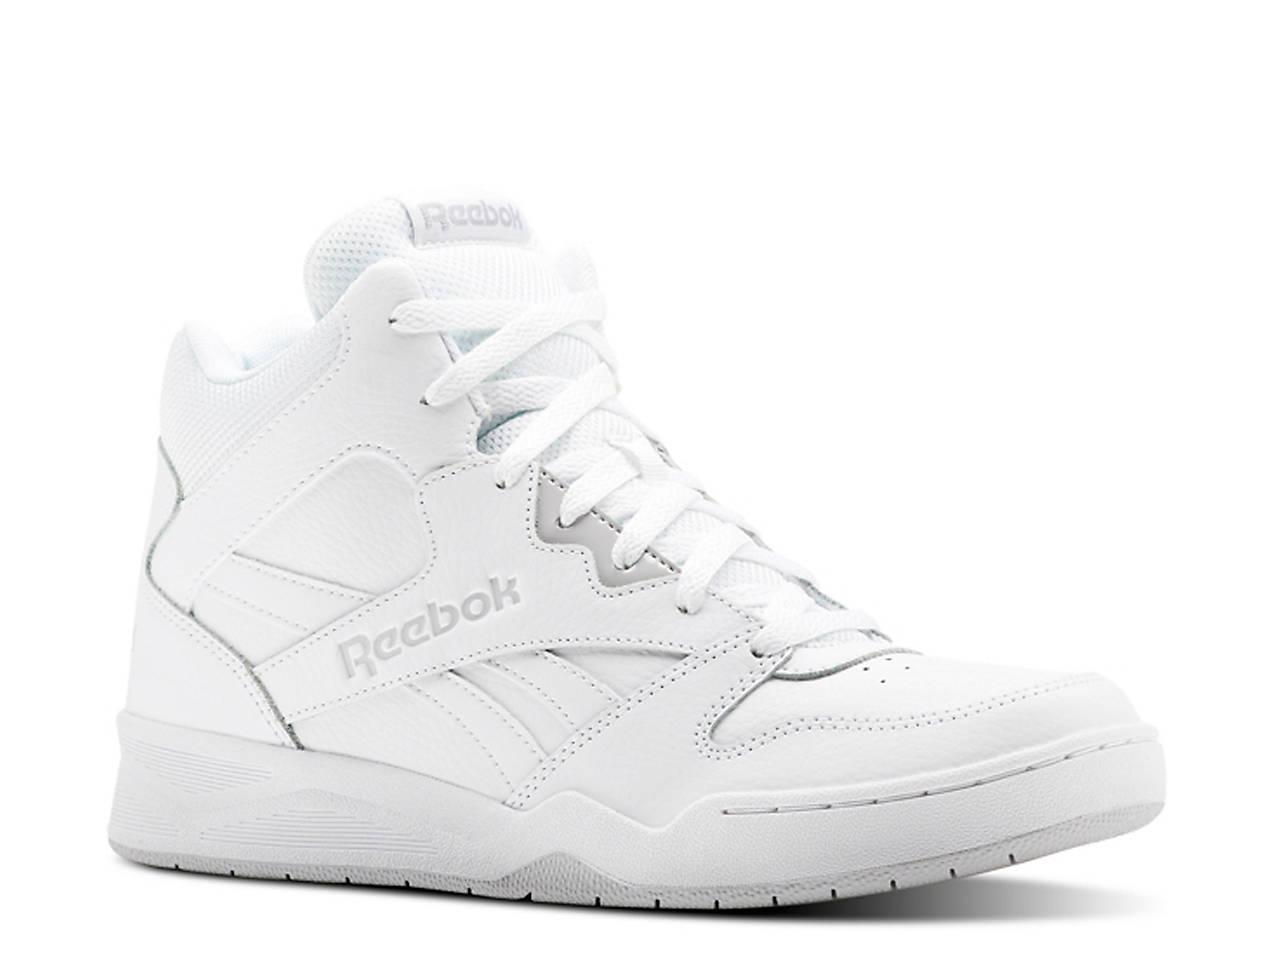 918bc4503e2 Reebok Royal High-Top Sneaker - Men s Men s Shoes